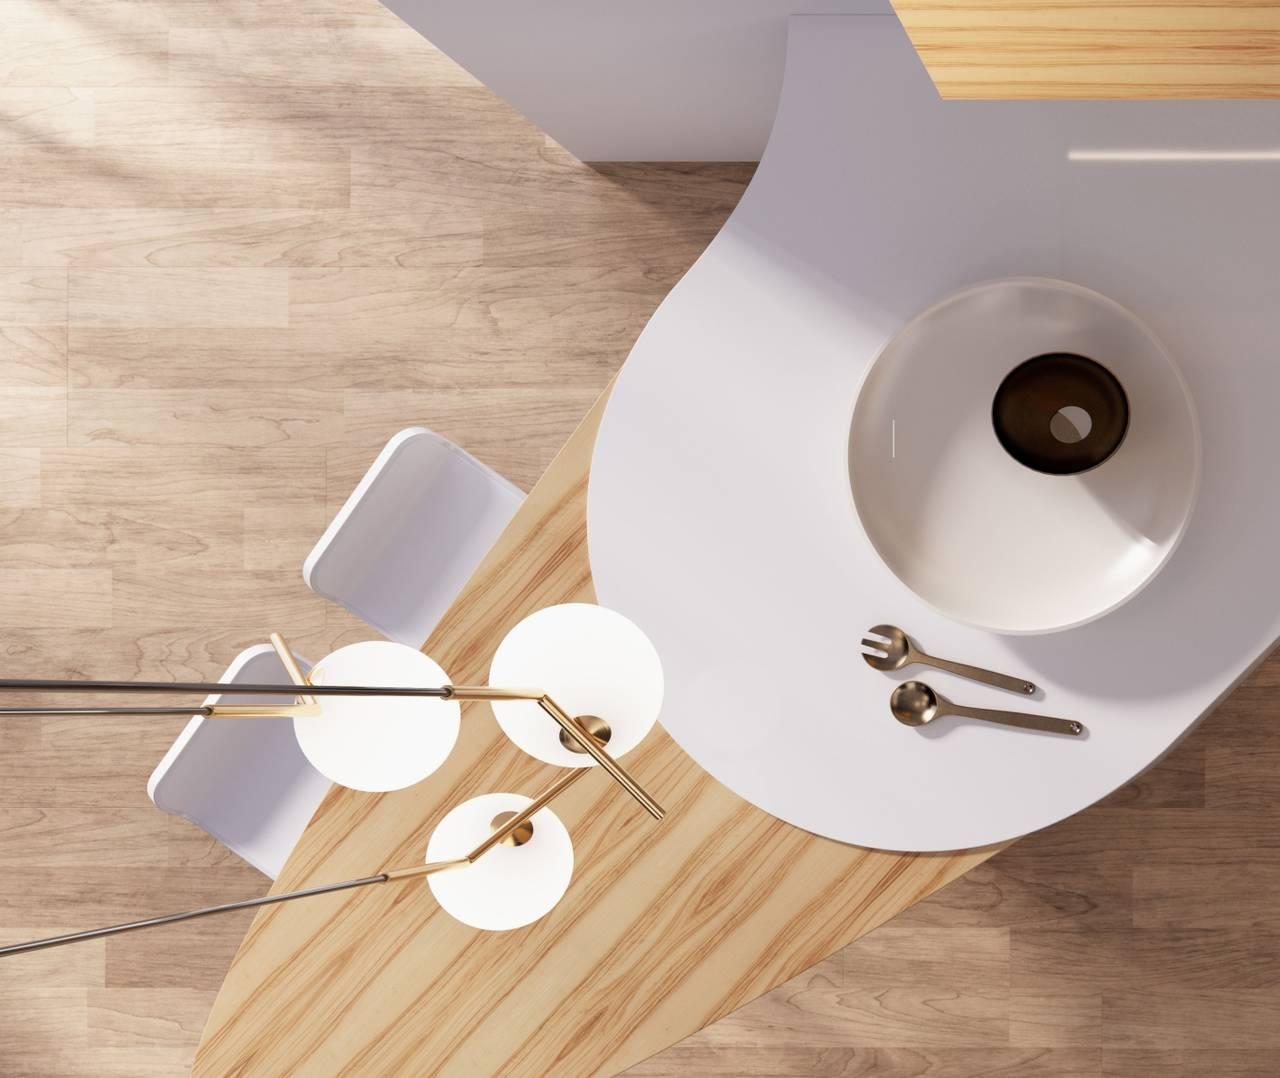 materiali hi-tech per arredi top di gamma | ambiente cucina - Arredamenti Casa Hi Tech